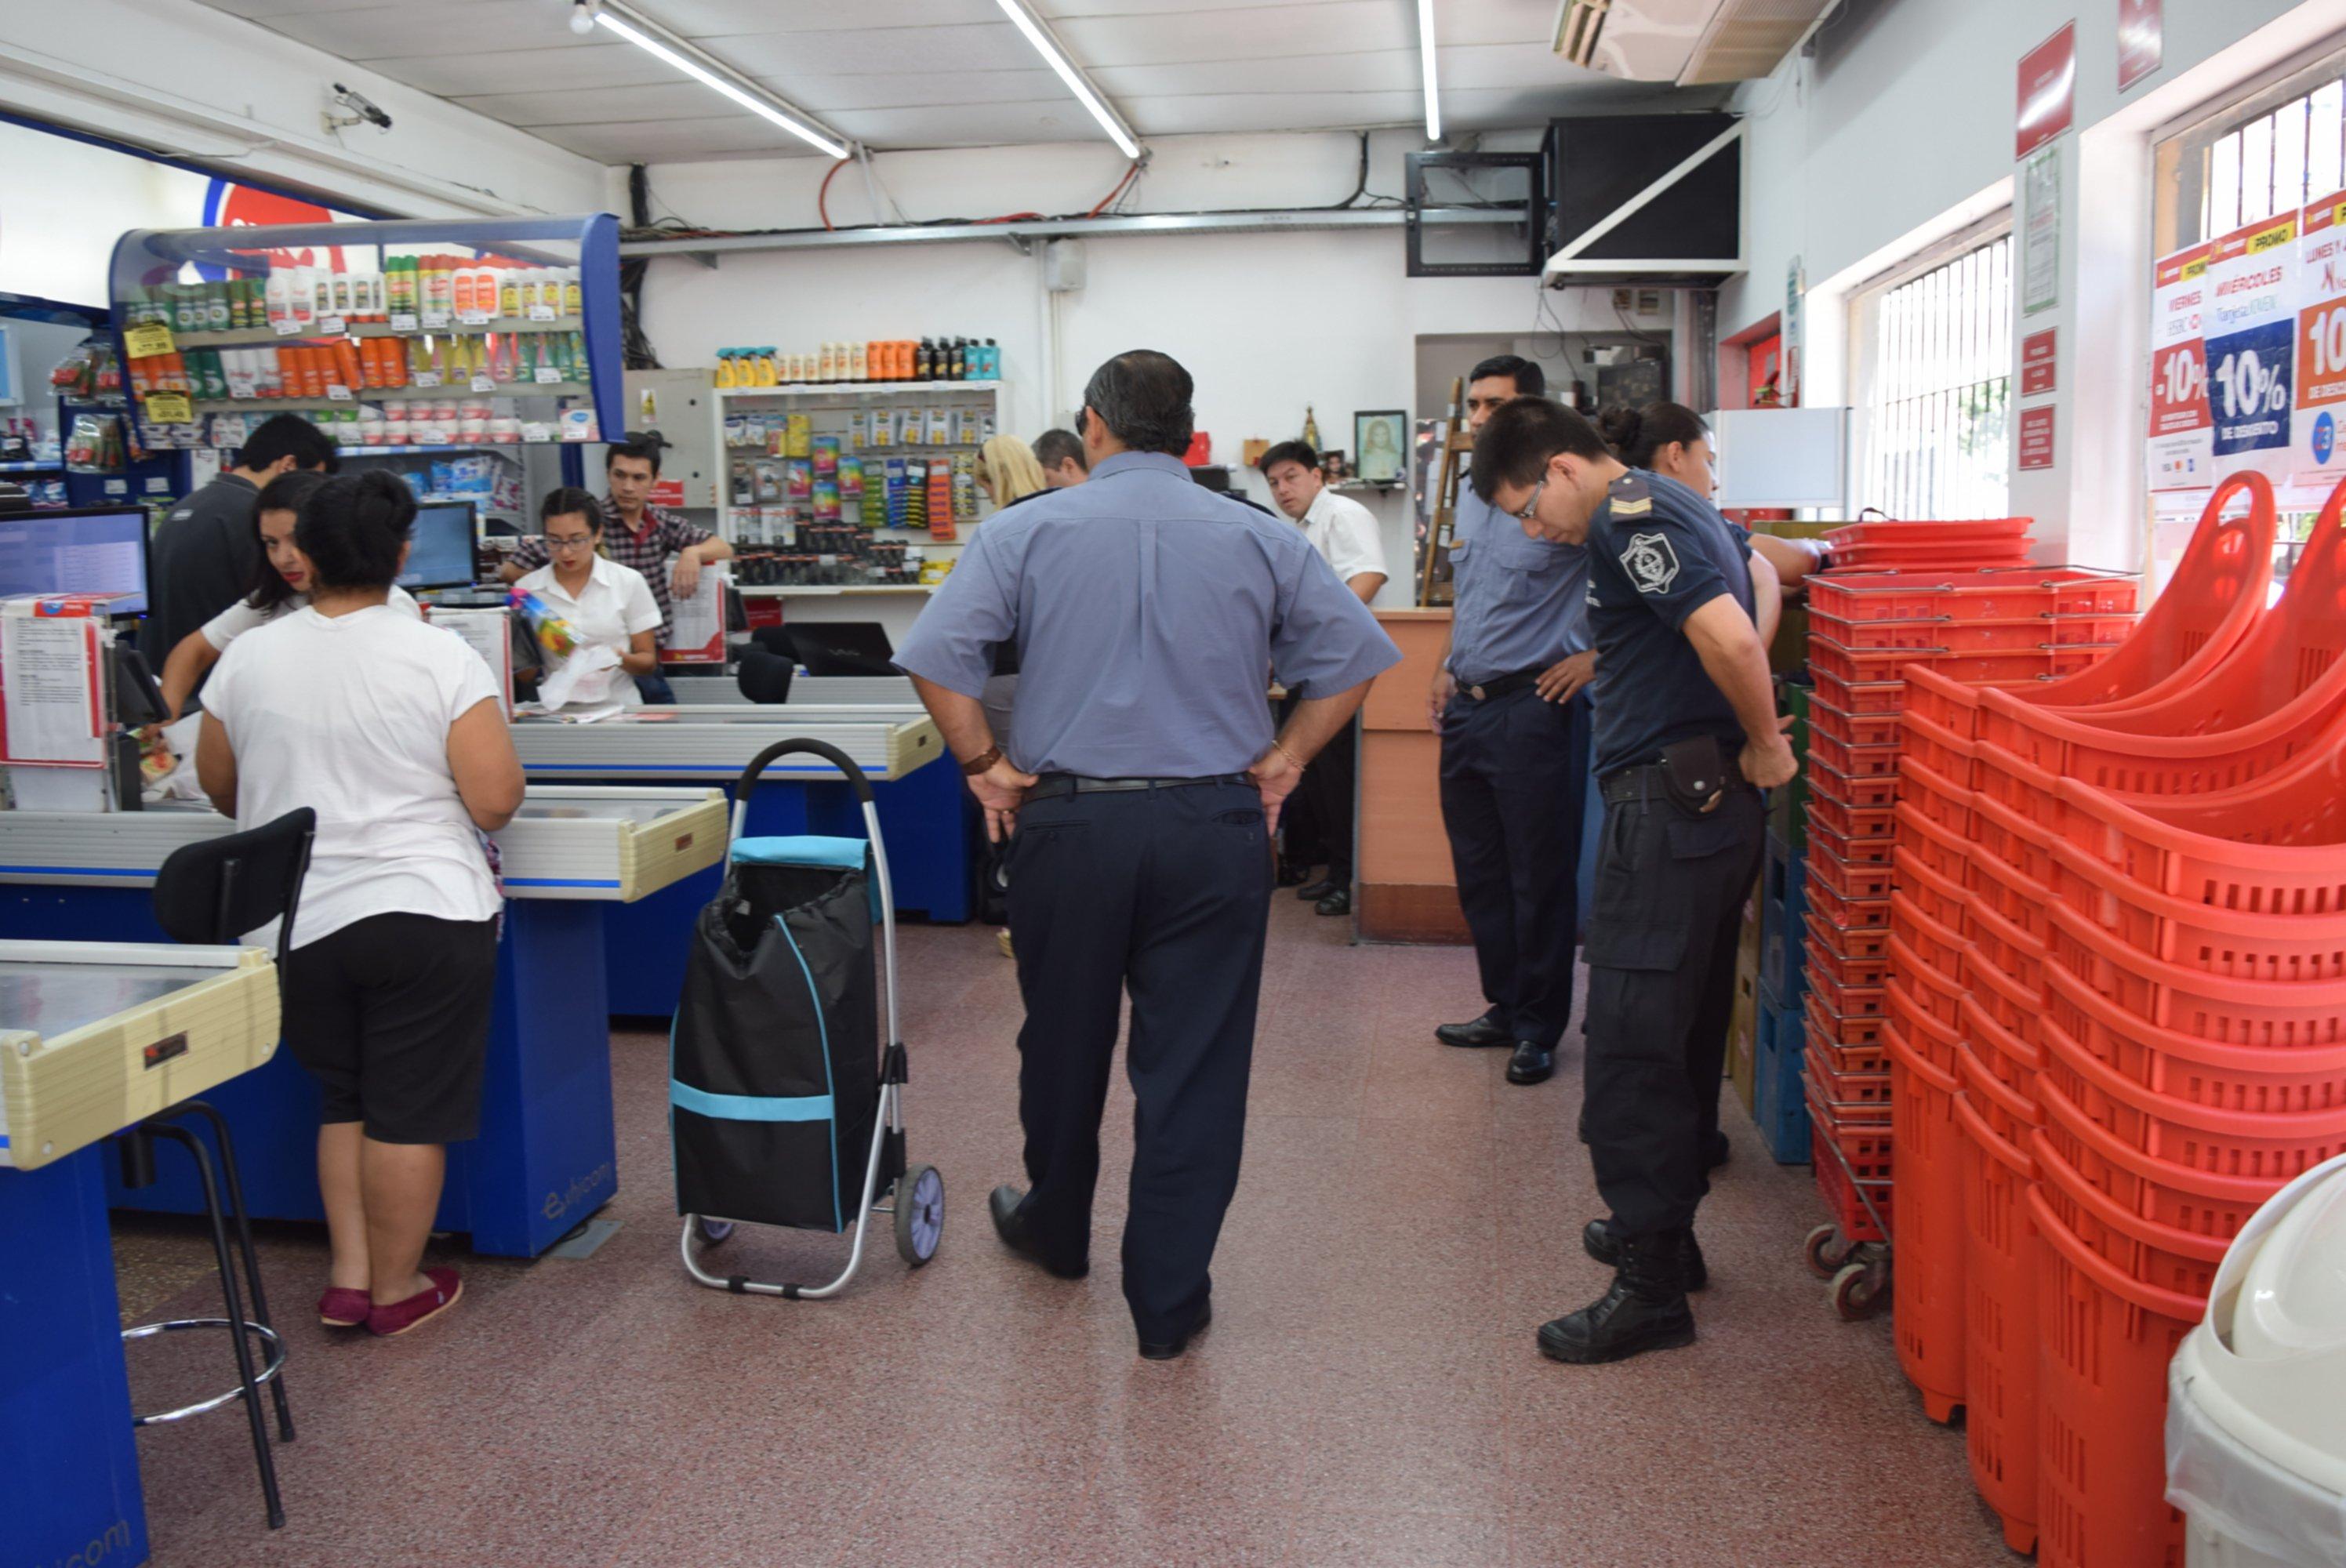 <p>Escenario. La Polic&iacute;a al indagar a los cajeros, luego del asalto.</p>